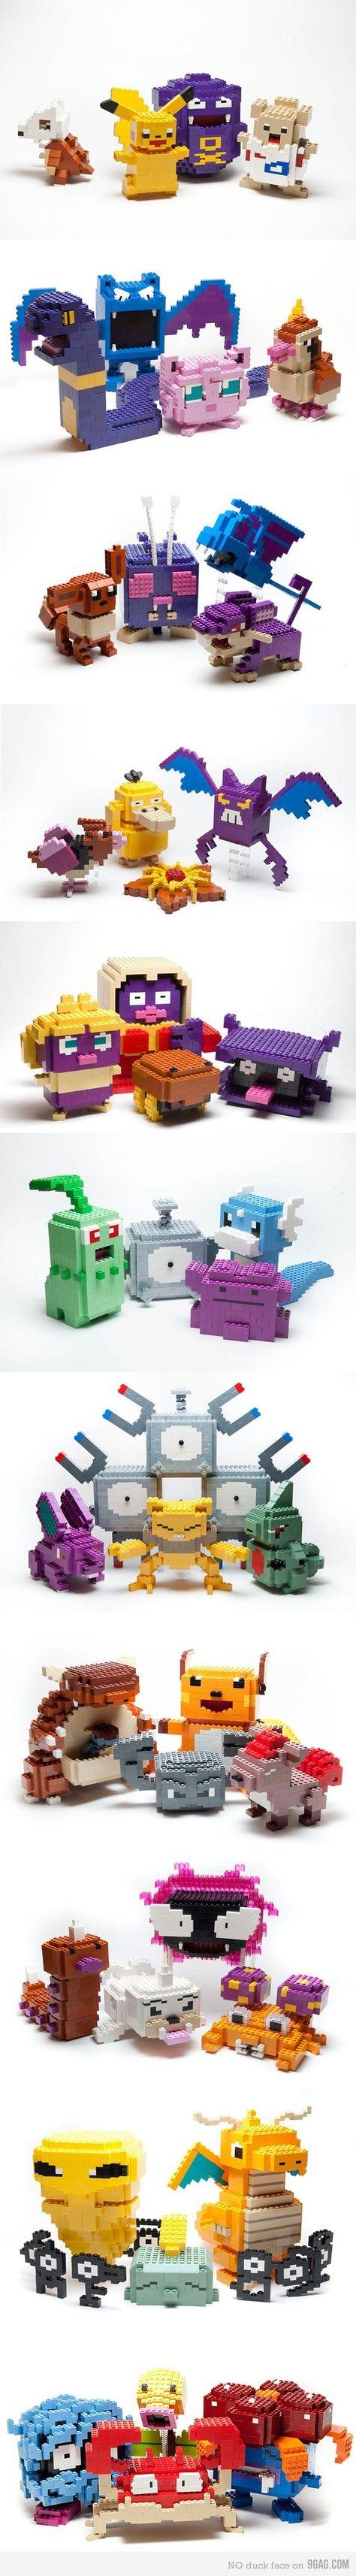 geraumiges lego badezimmer seite pic und cbaacaabcbfffc lego pokemon pokemon stuff